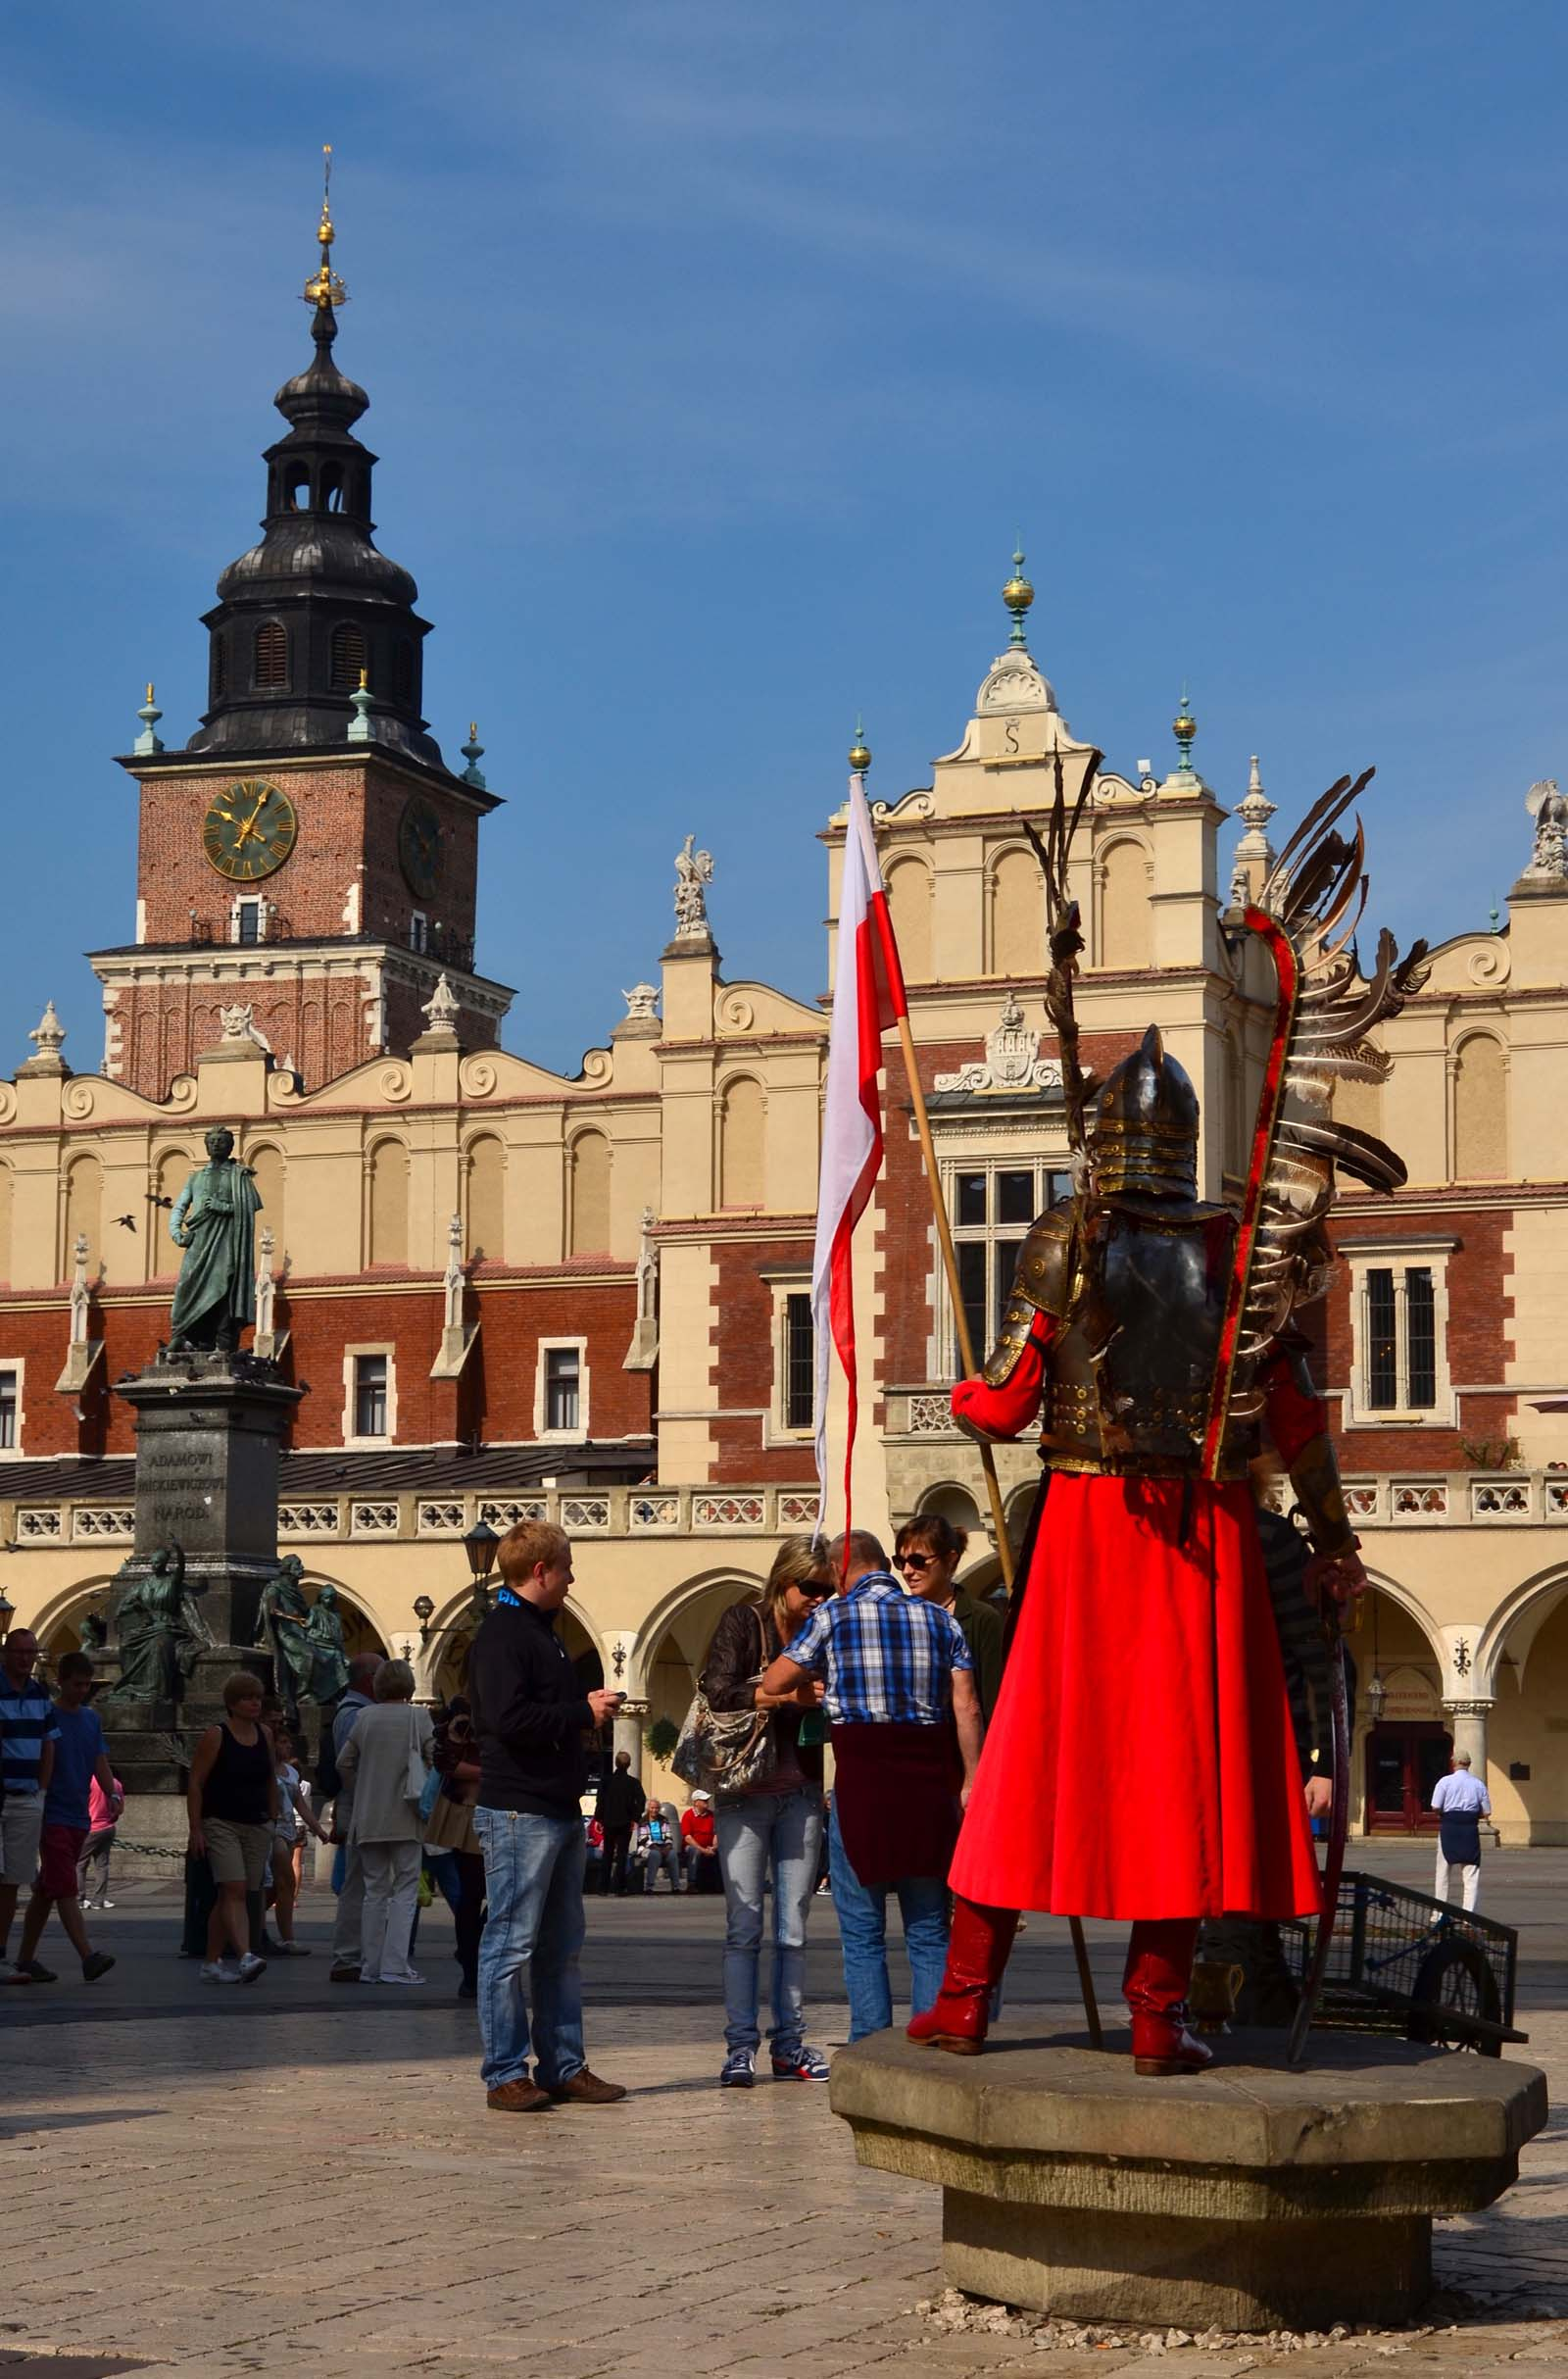 Epokowy strój. Kraków, Polska